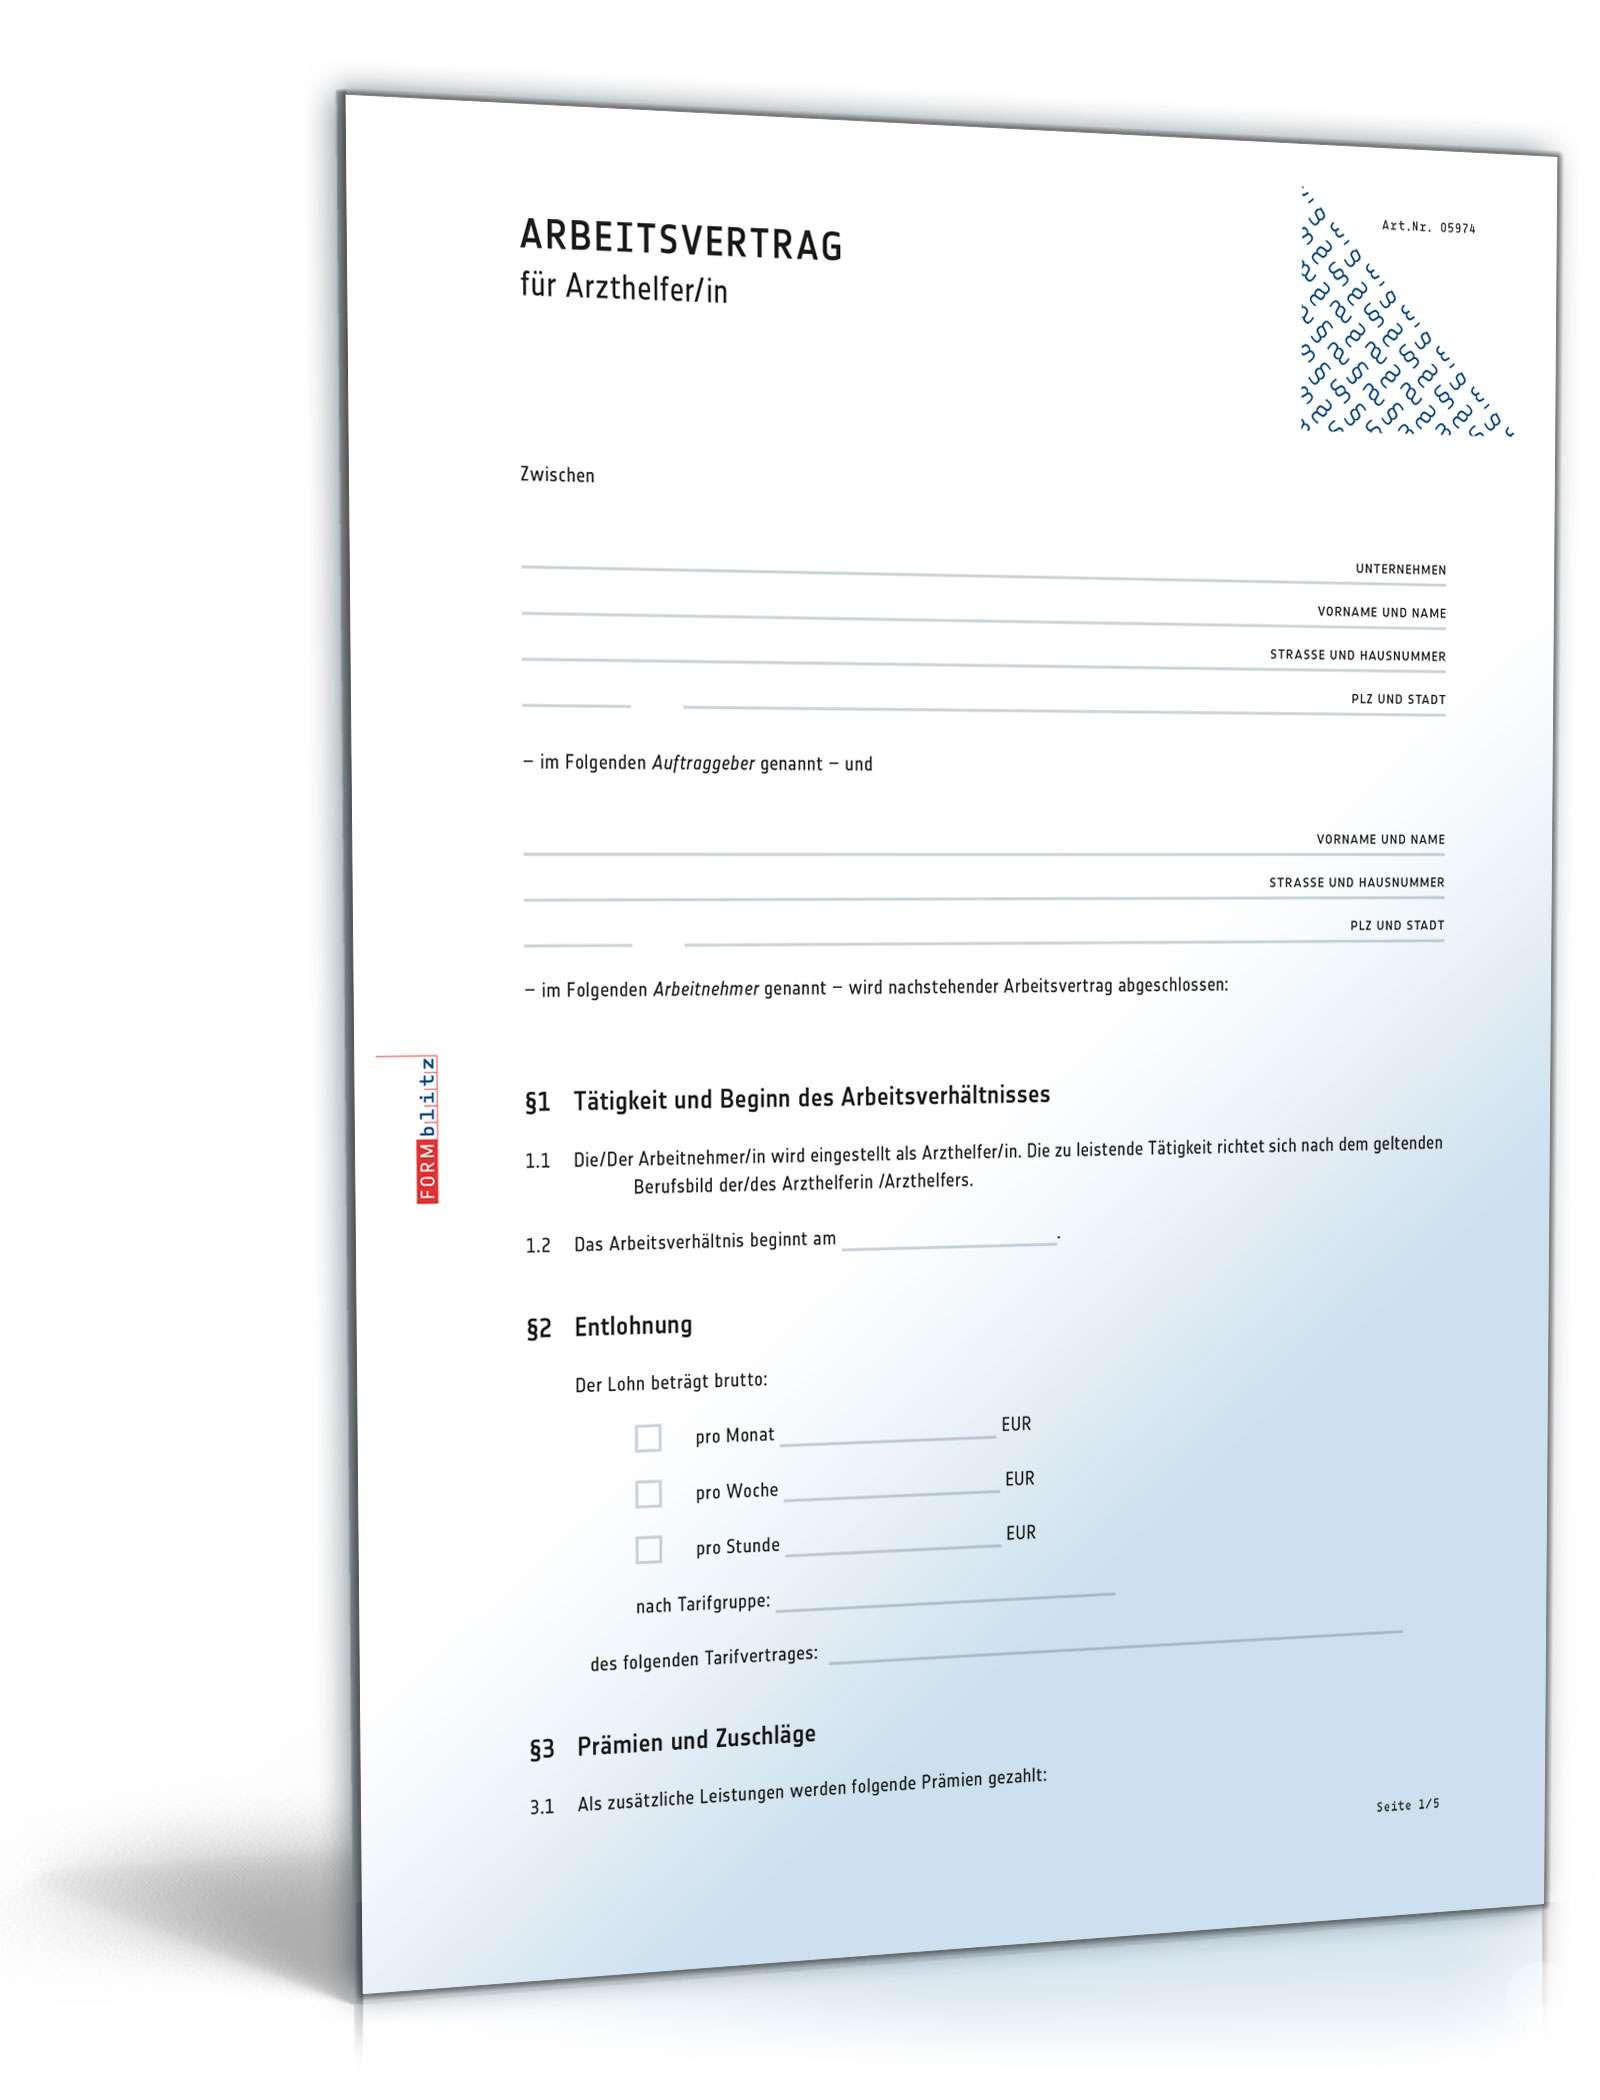 Arbeitsvertrag Arzthelferin Rechtssicheres Muster Zum Download